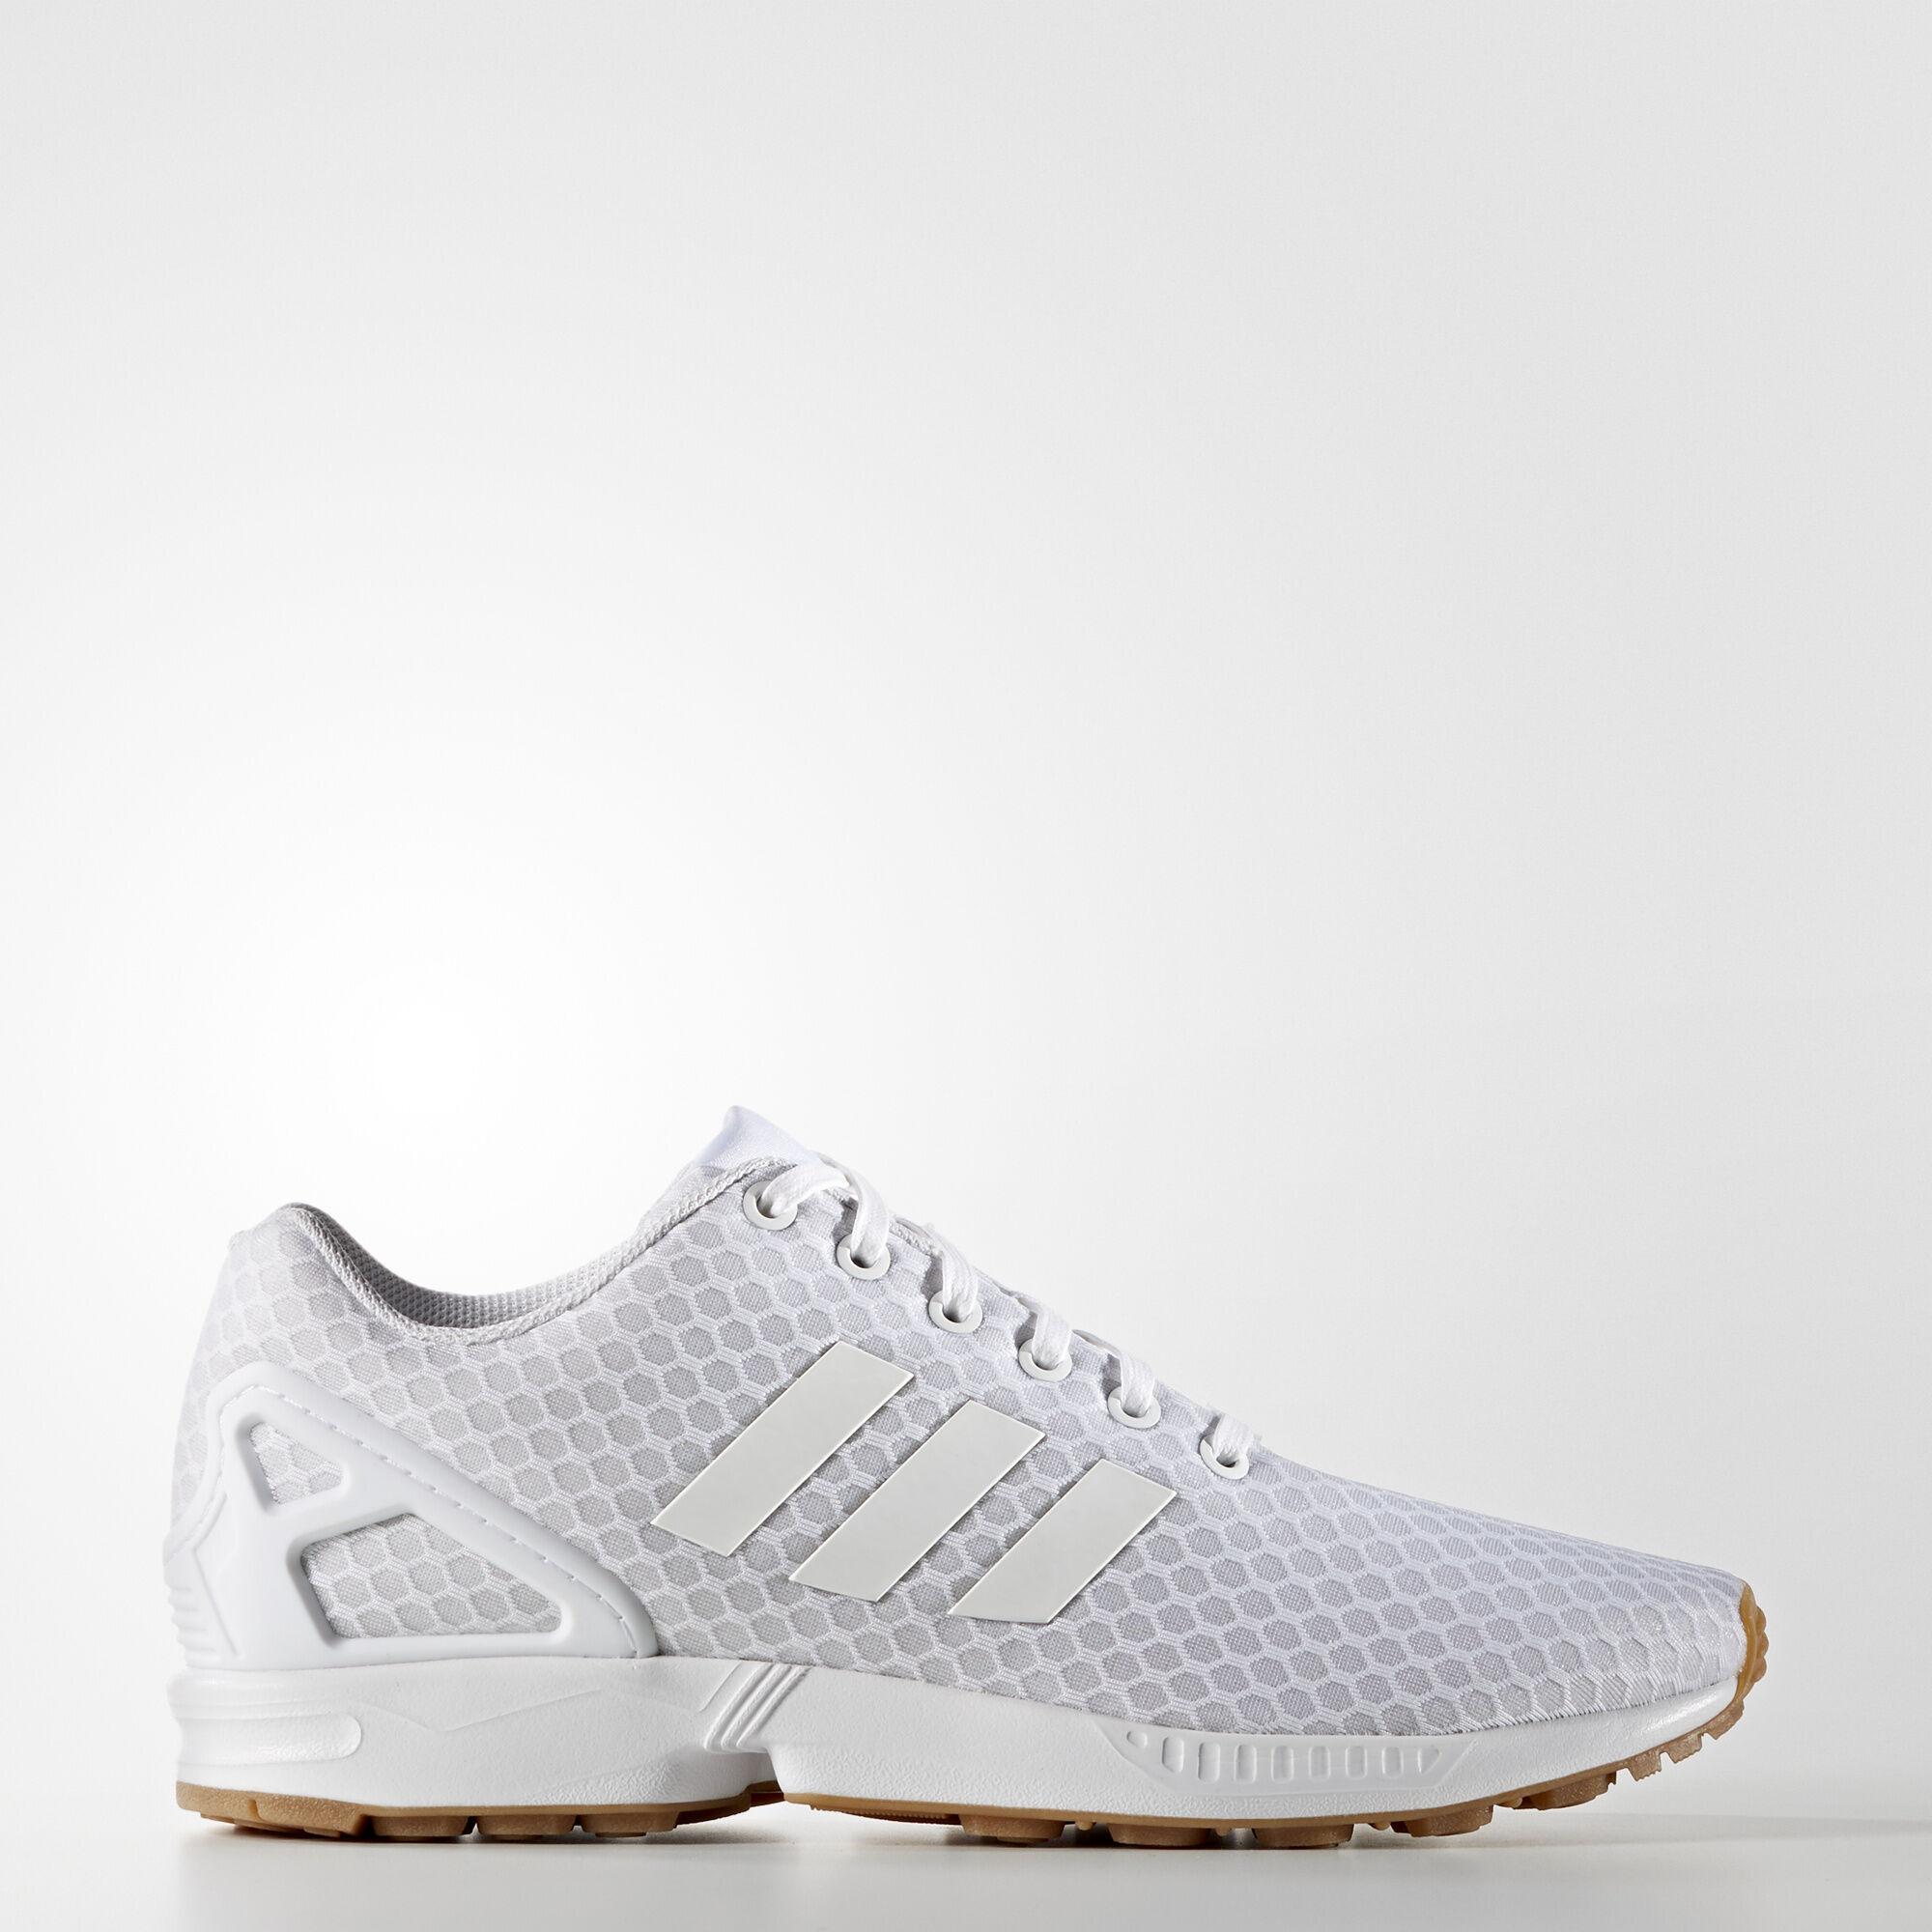 adidas zx white